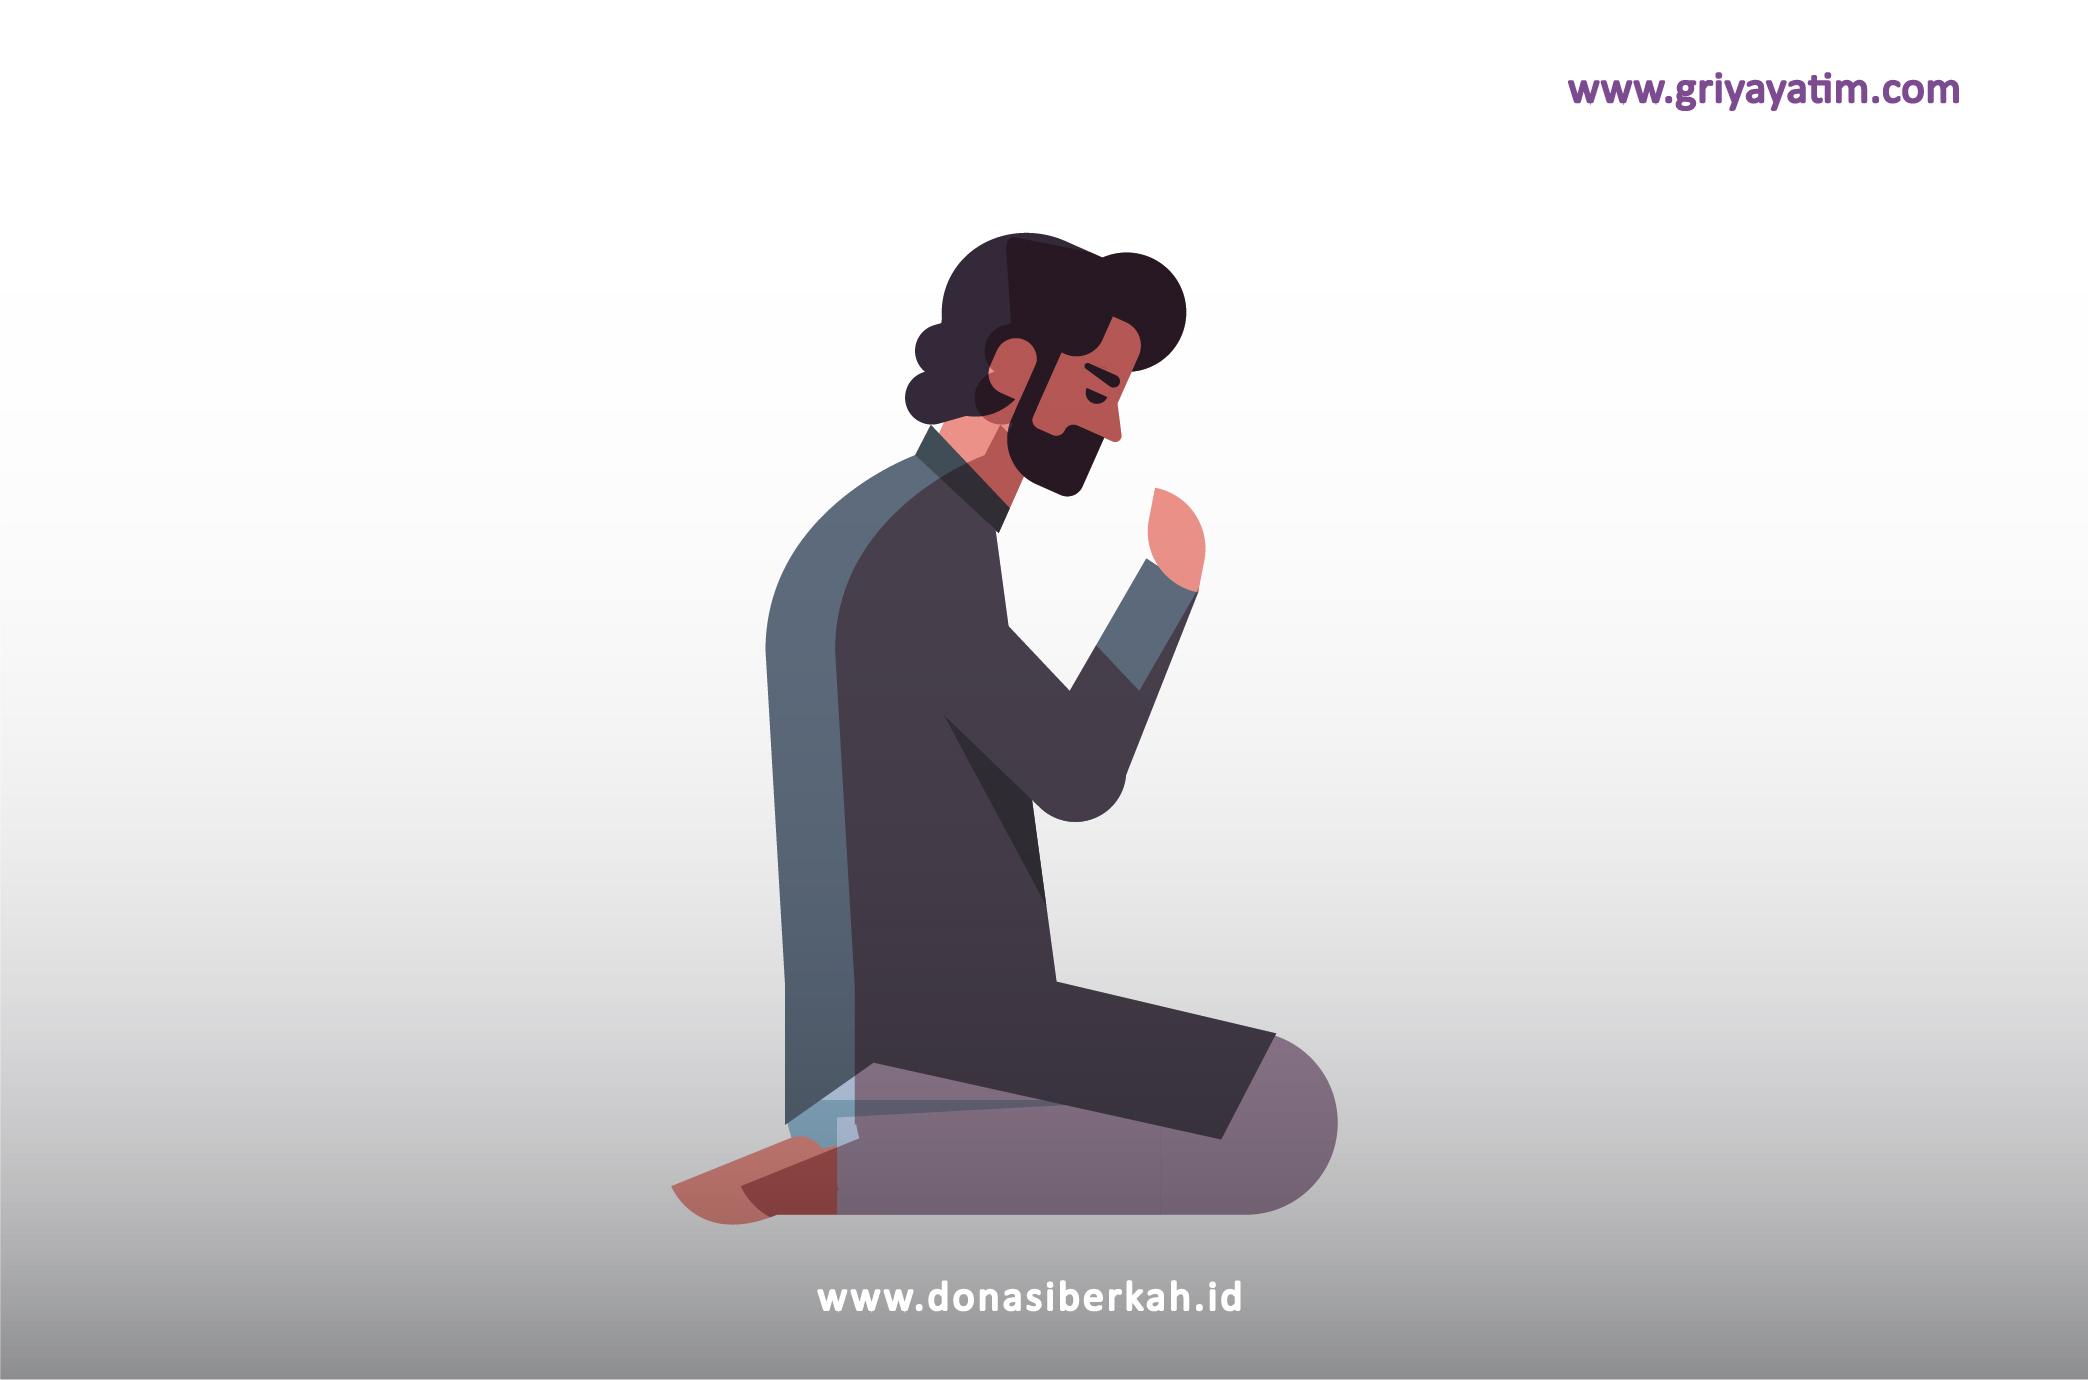 Prinsip Hidup yang Perlu Dipegang Seorang Muslim